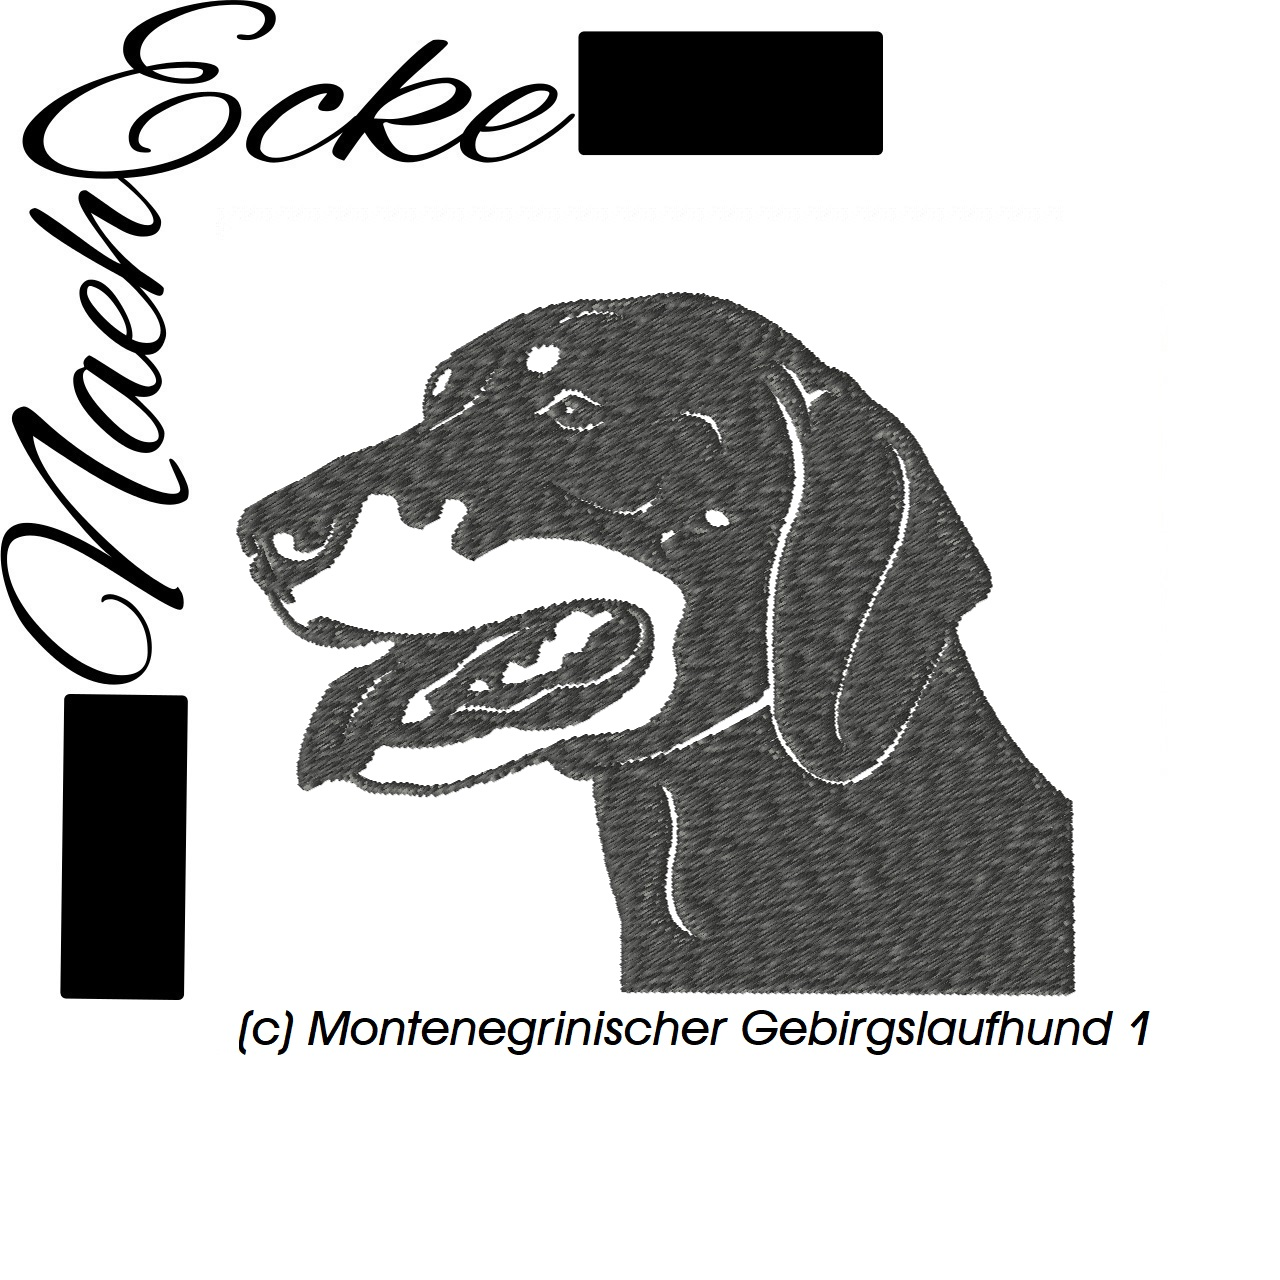 Montenegrinischer Gebirgslaufhund